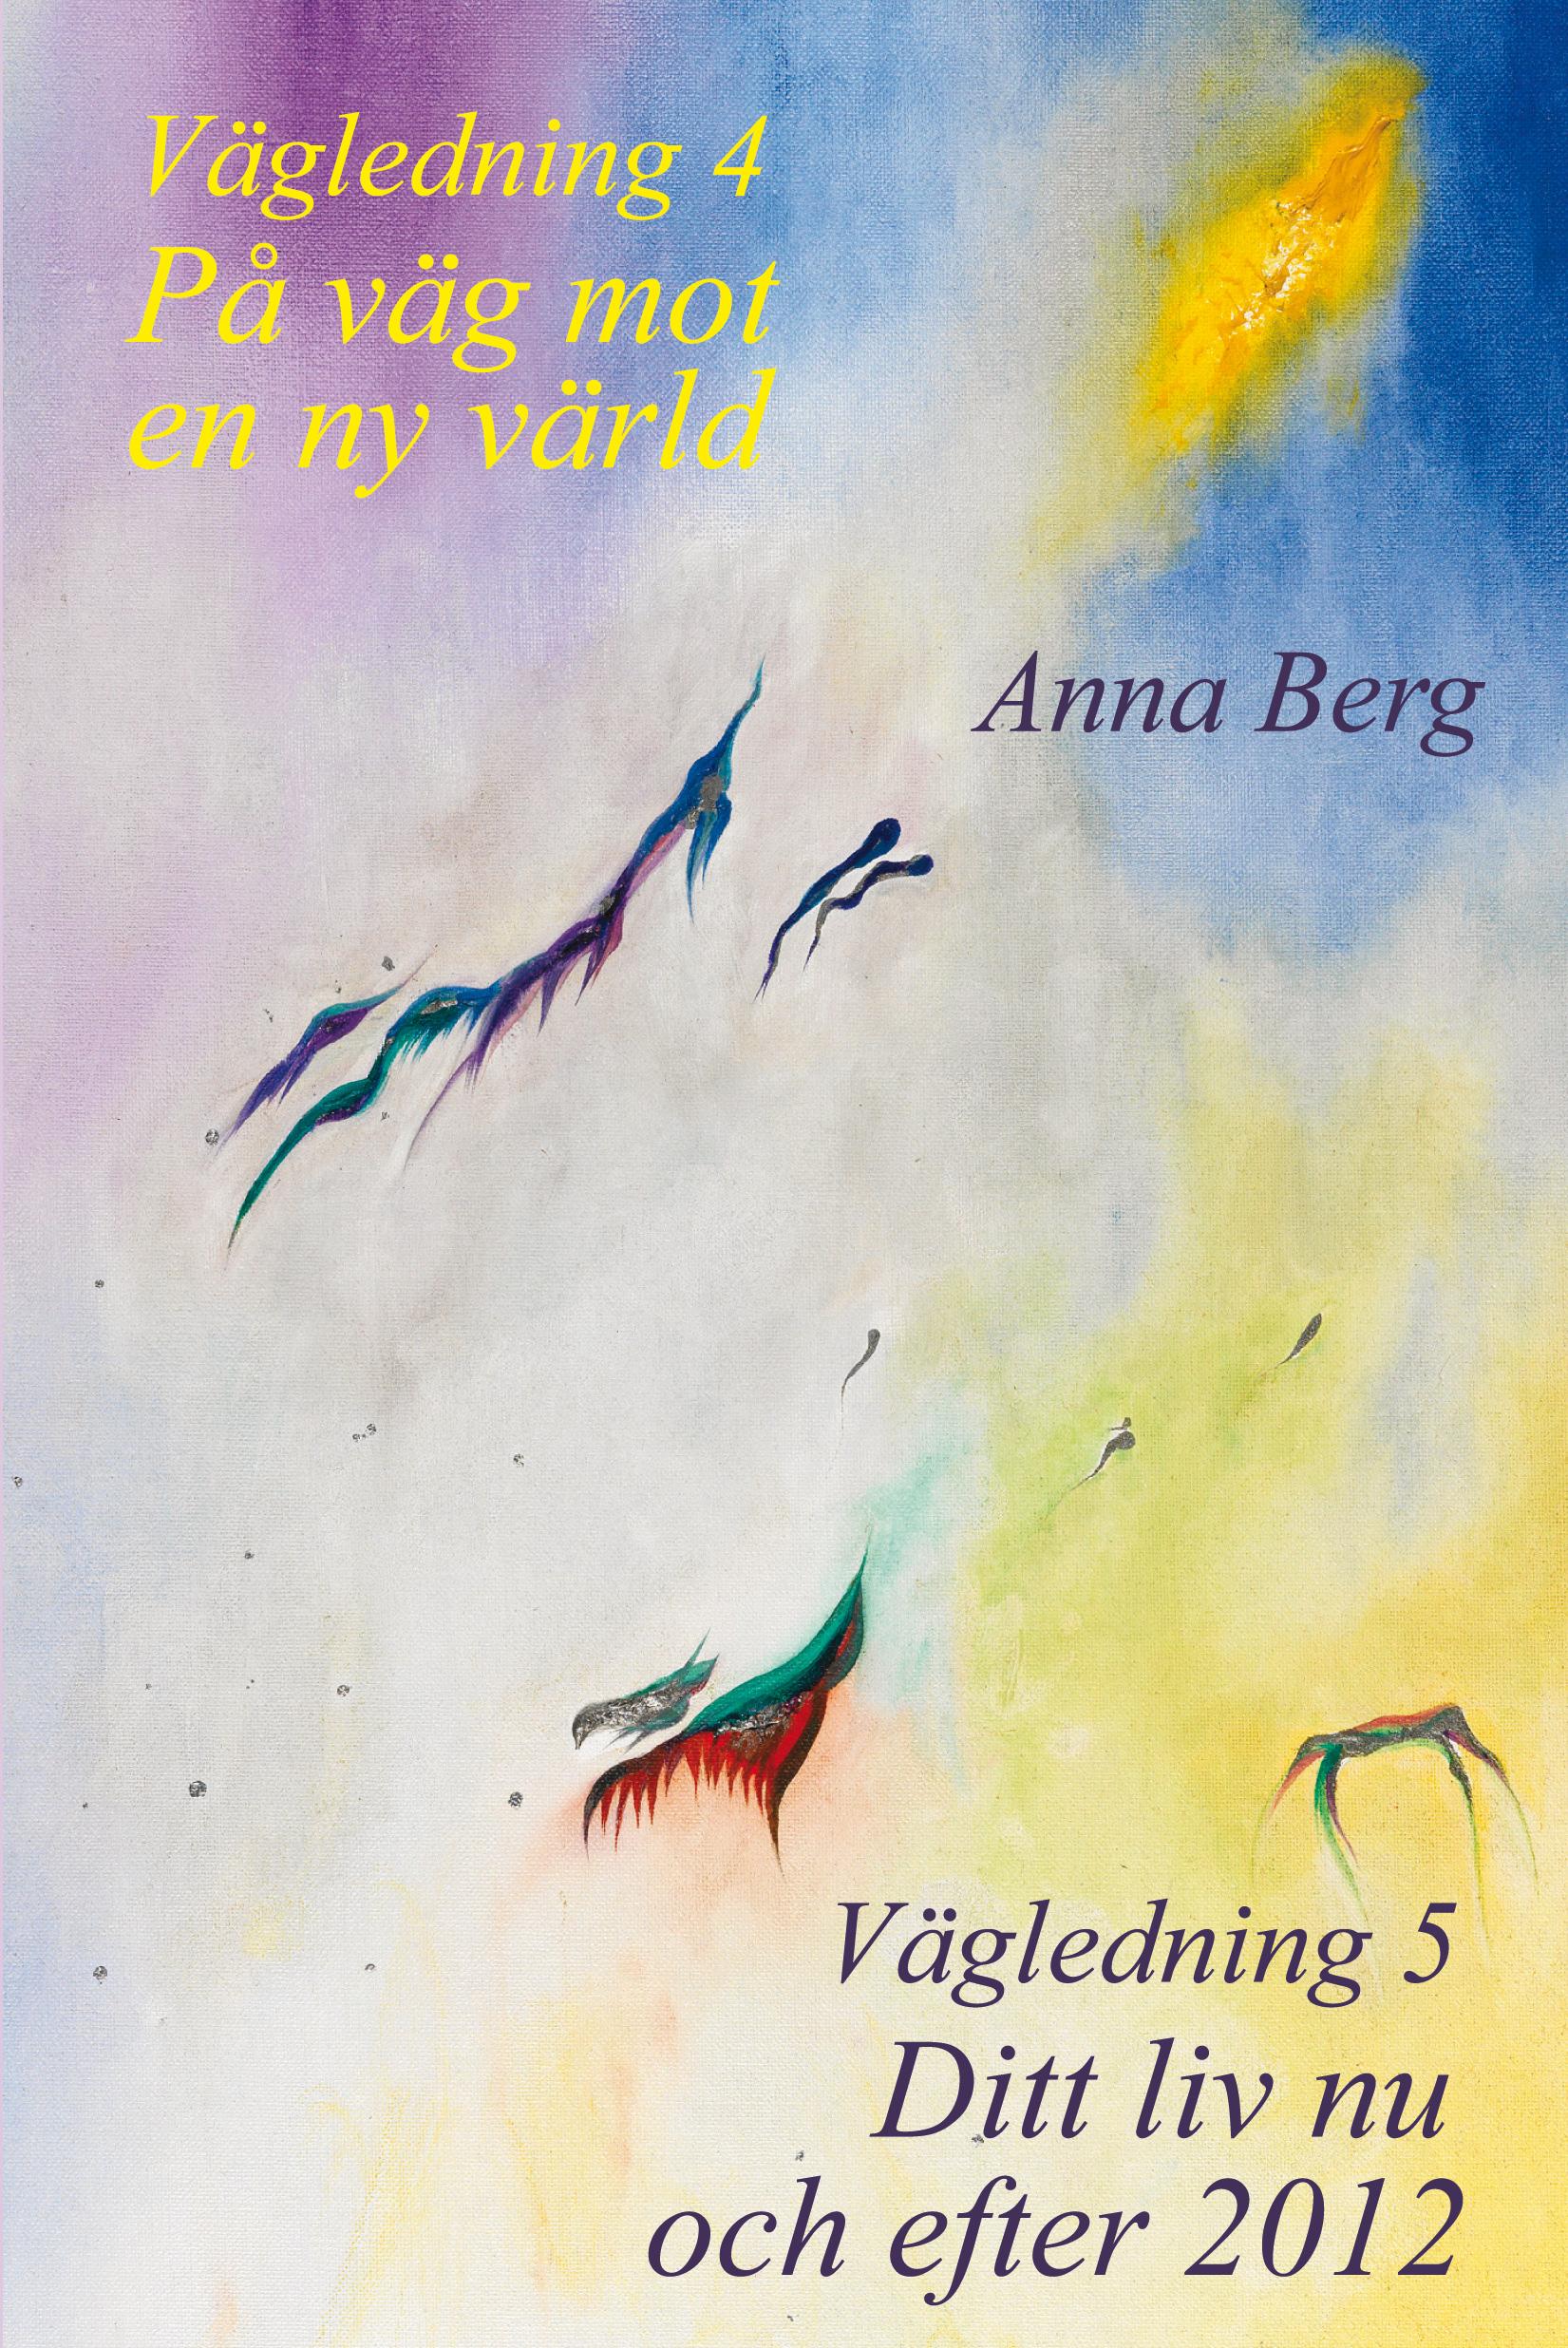 Vägledning : på väg mot en ny värld / Vägledning 5 : ditt liv nu och efter 2012 av Anna Berg